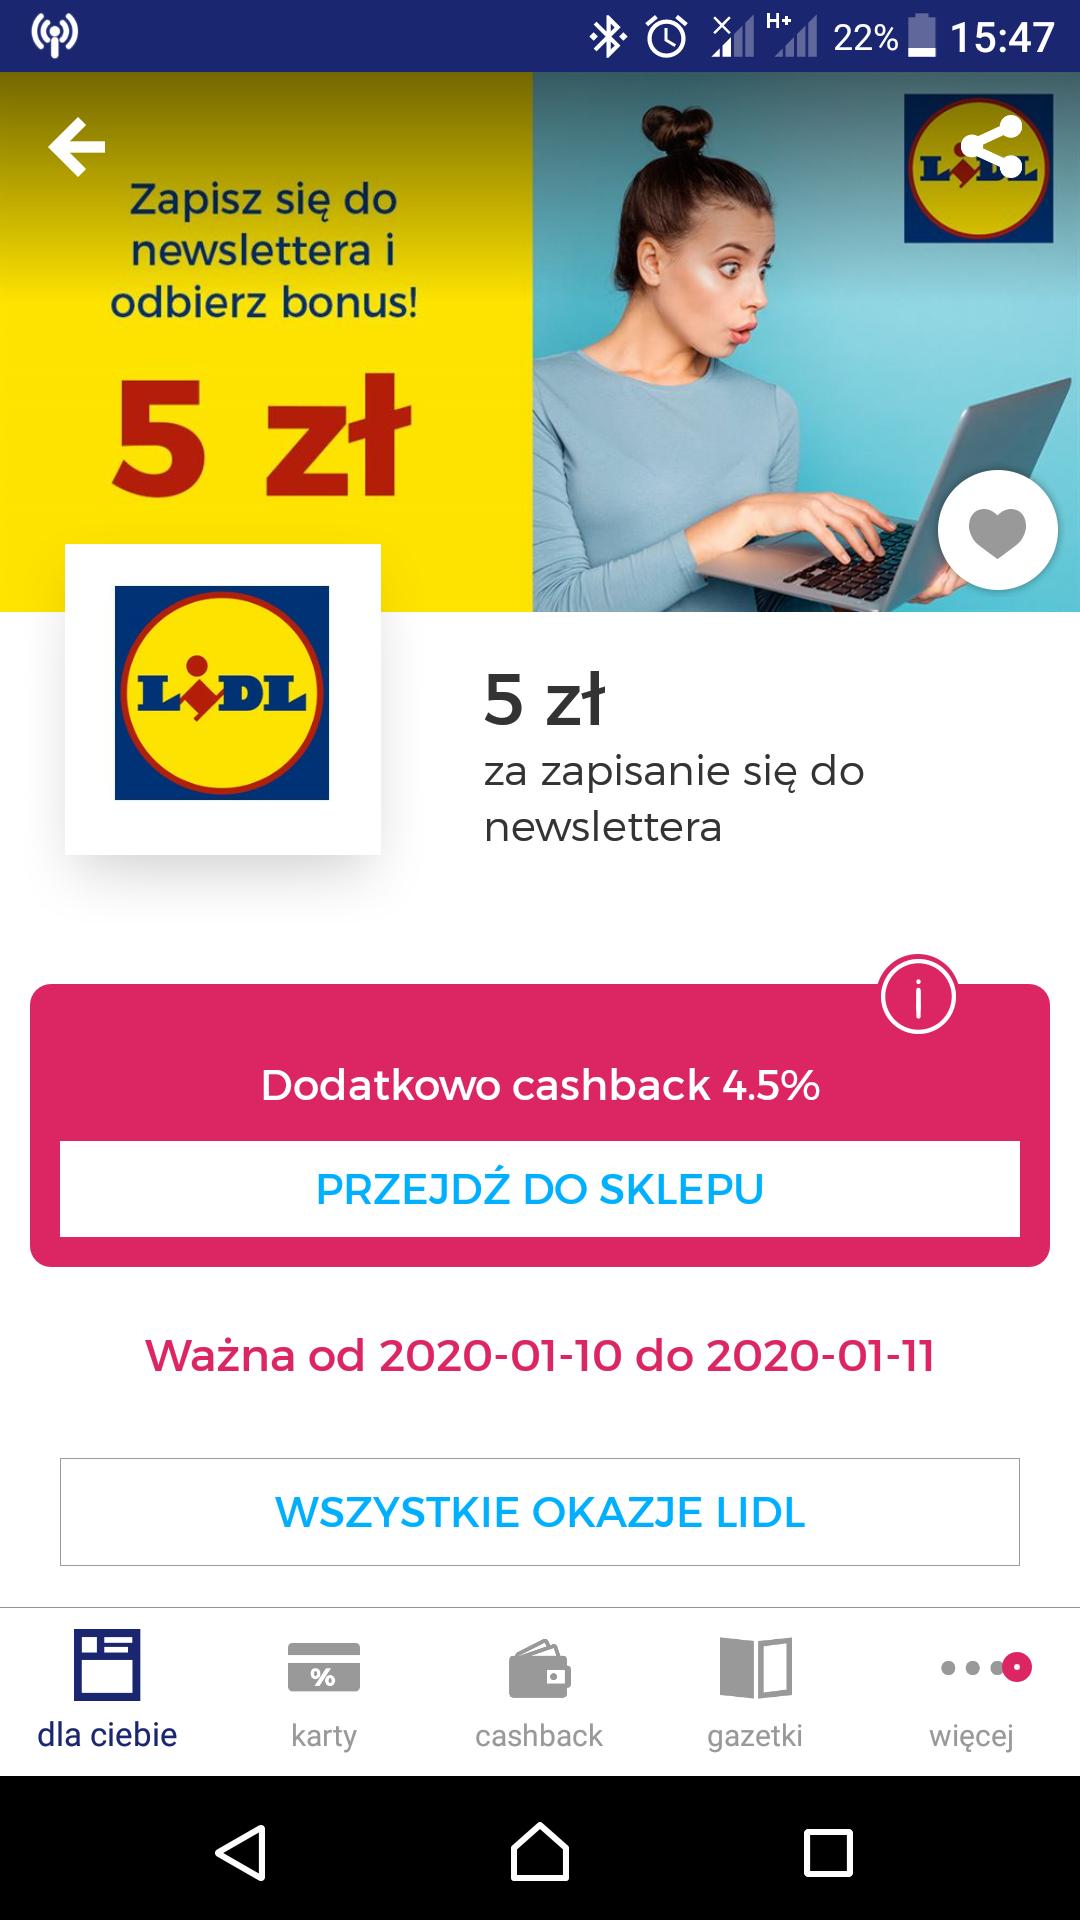 Goodie Zyskaj 5 zł za zapisanie się do newslettera.